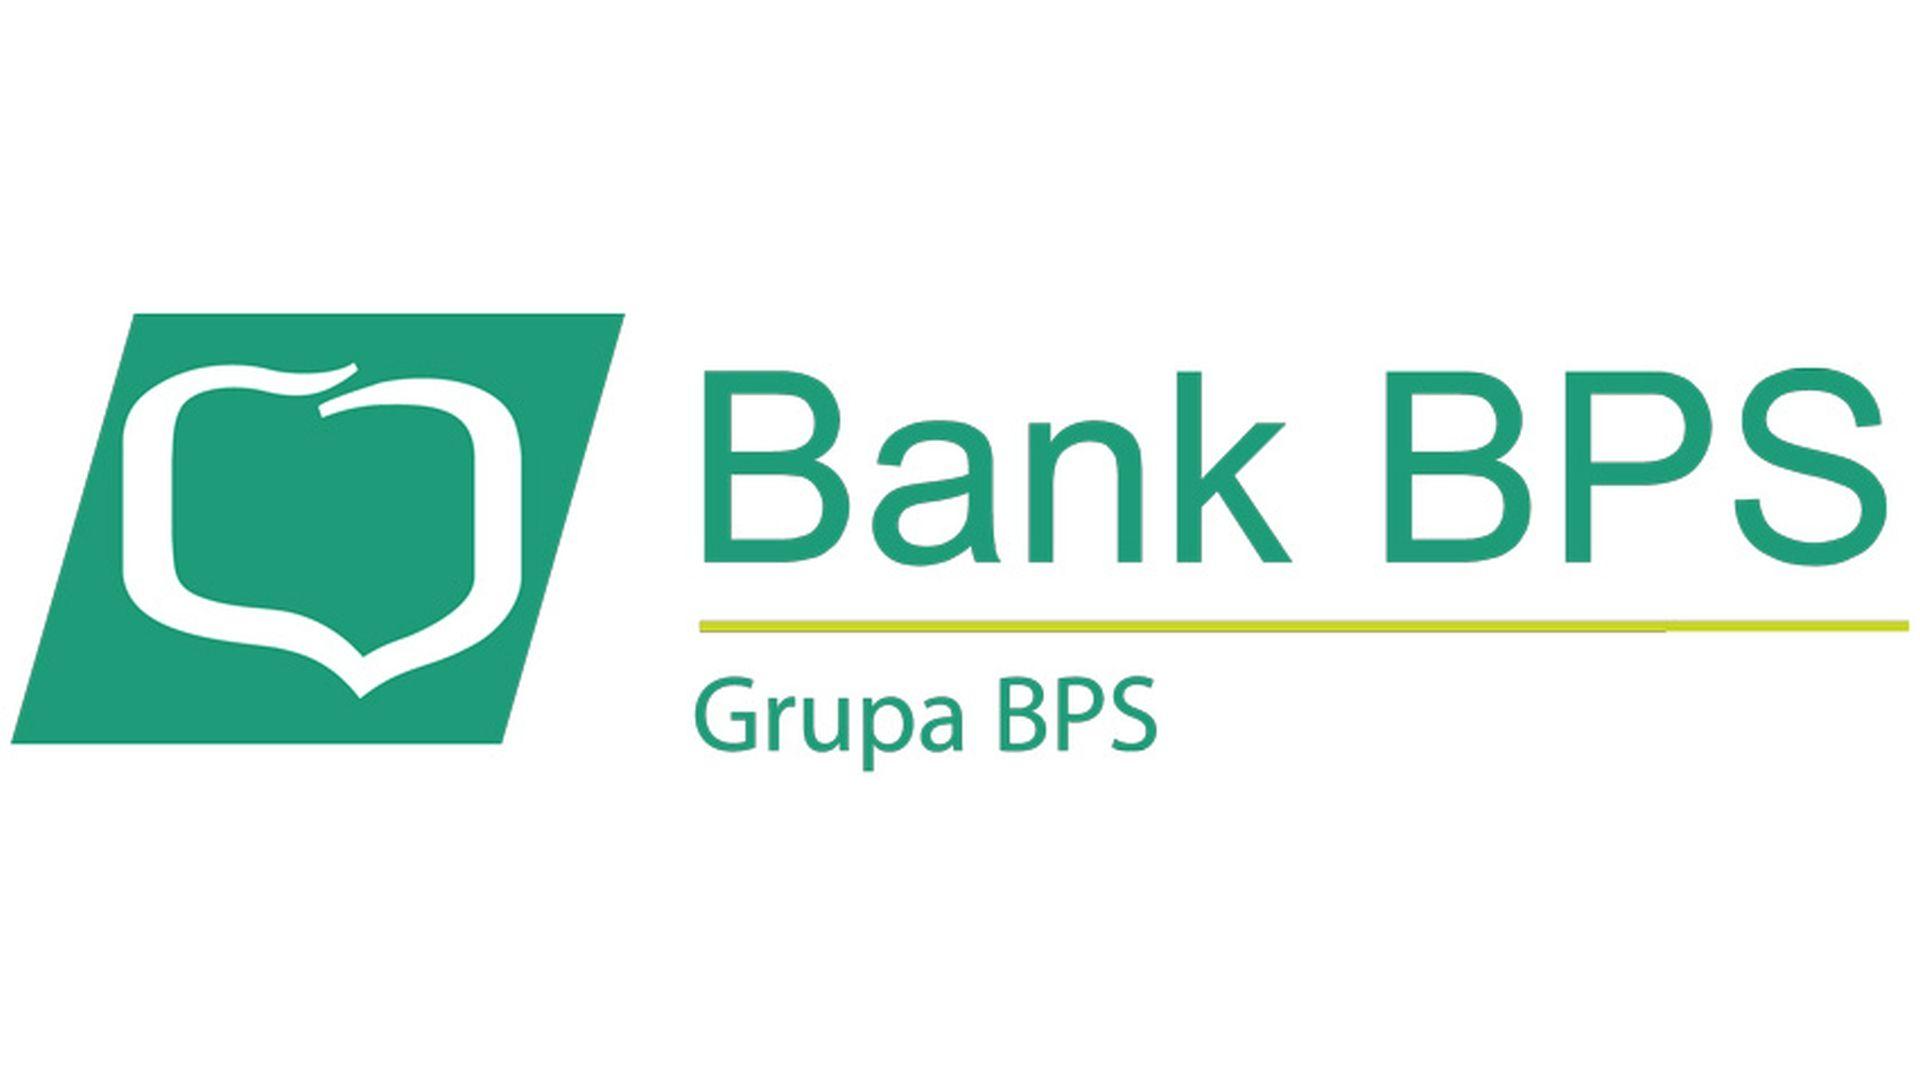 Usługa płatności Apple Pay dostępna jest już w Grupie BPS